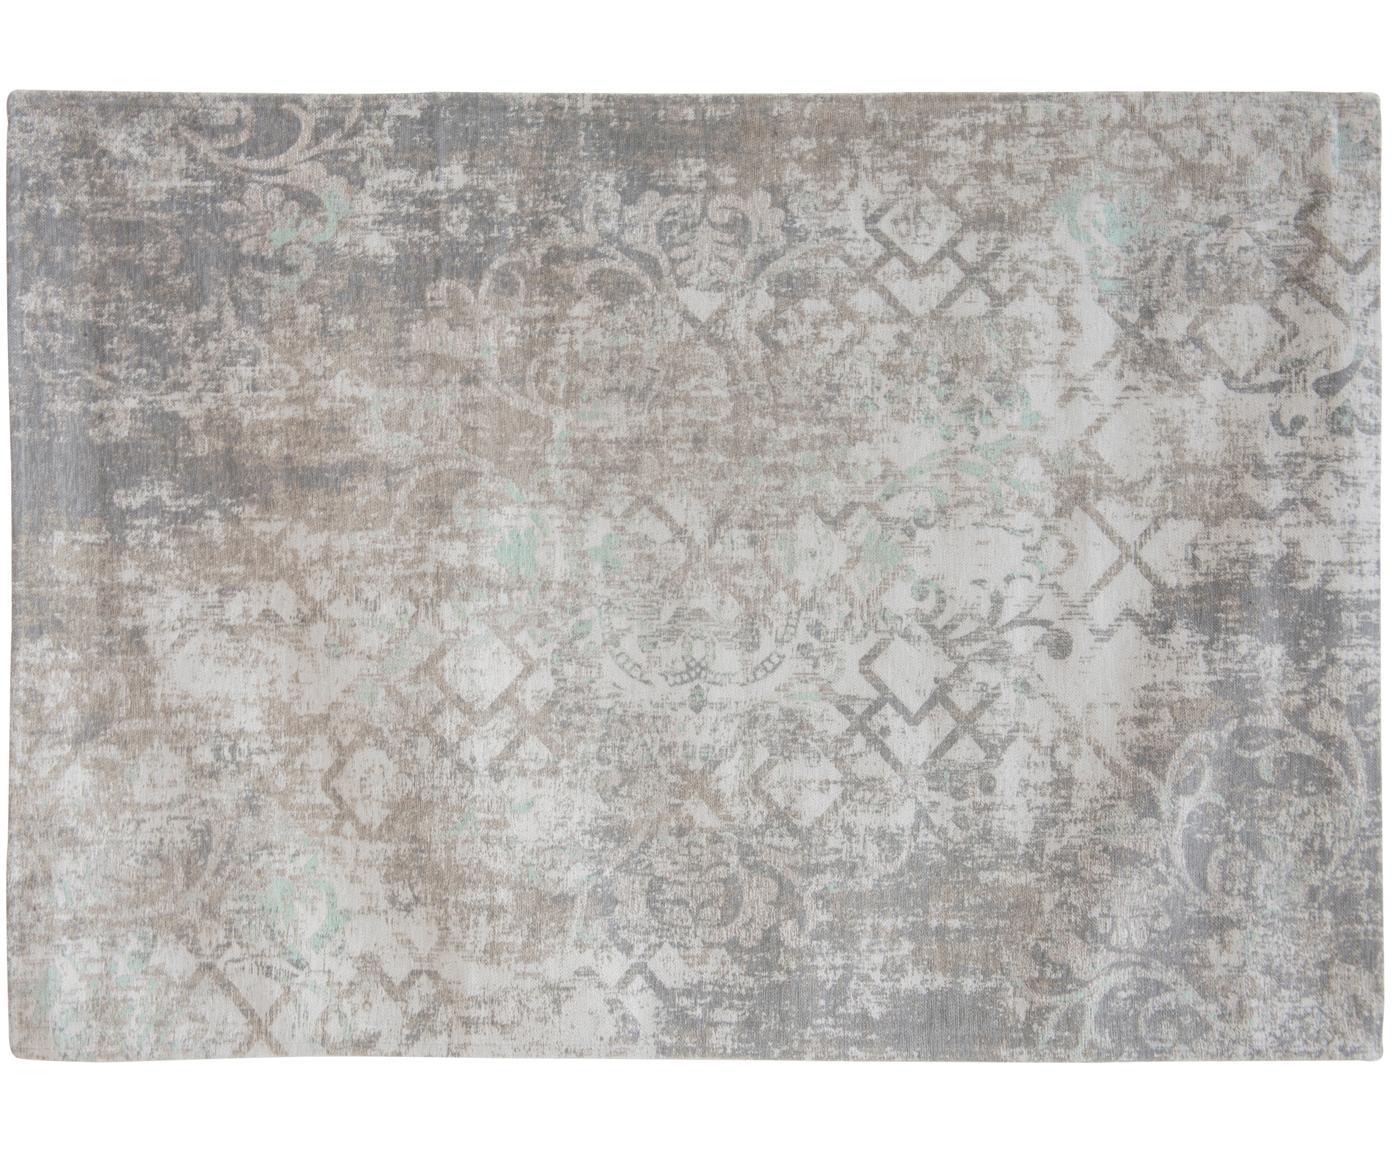 Dywan szenilowy vintage Babylon, Szary, beżowy, 140 x 200 cm (Rozmiar S)